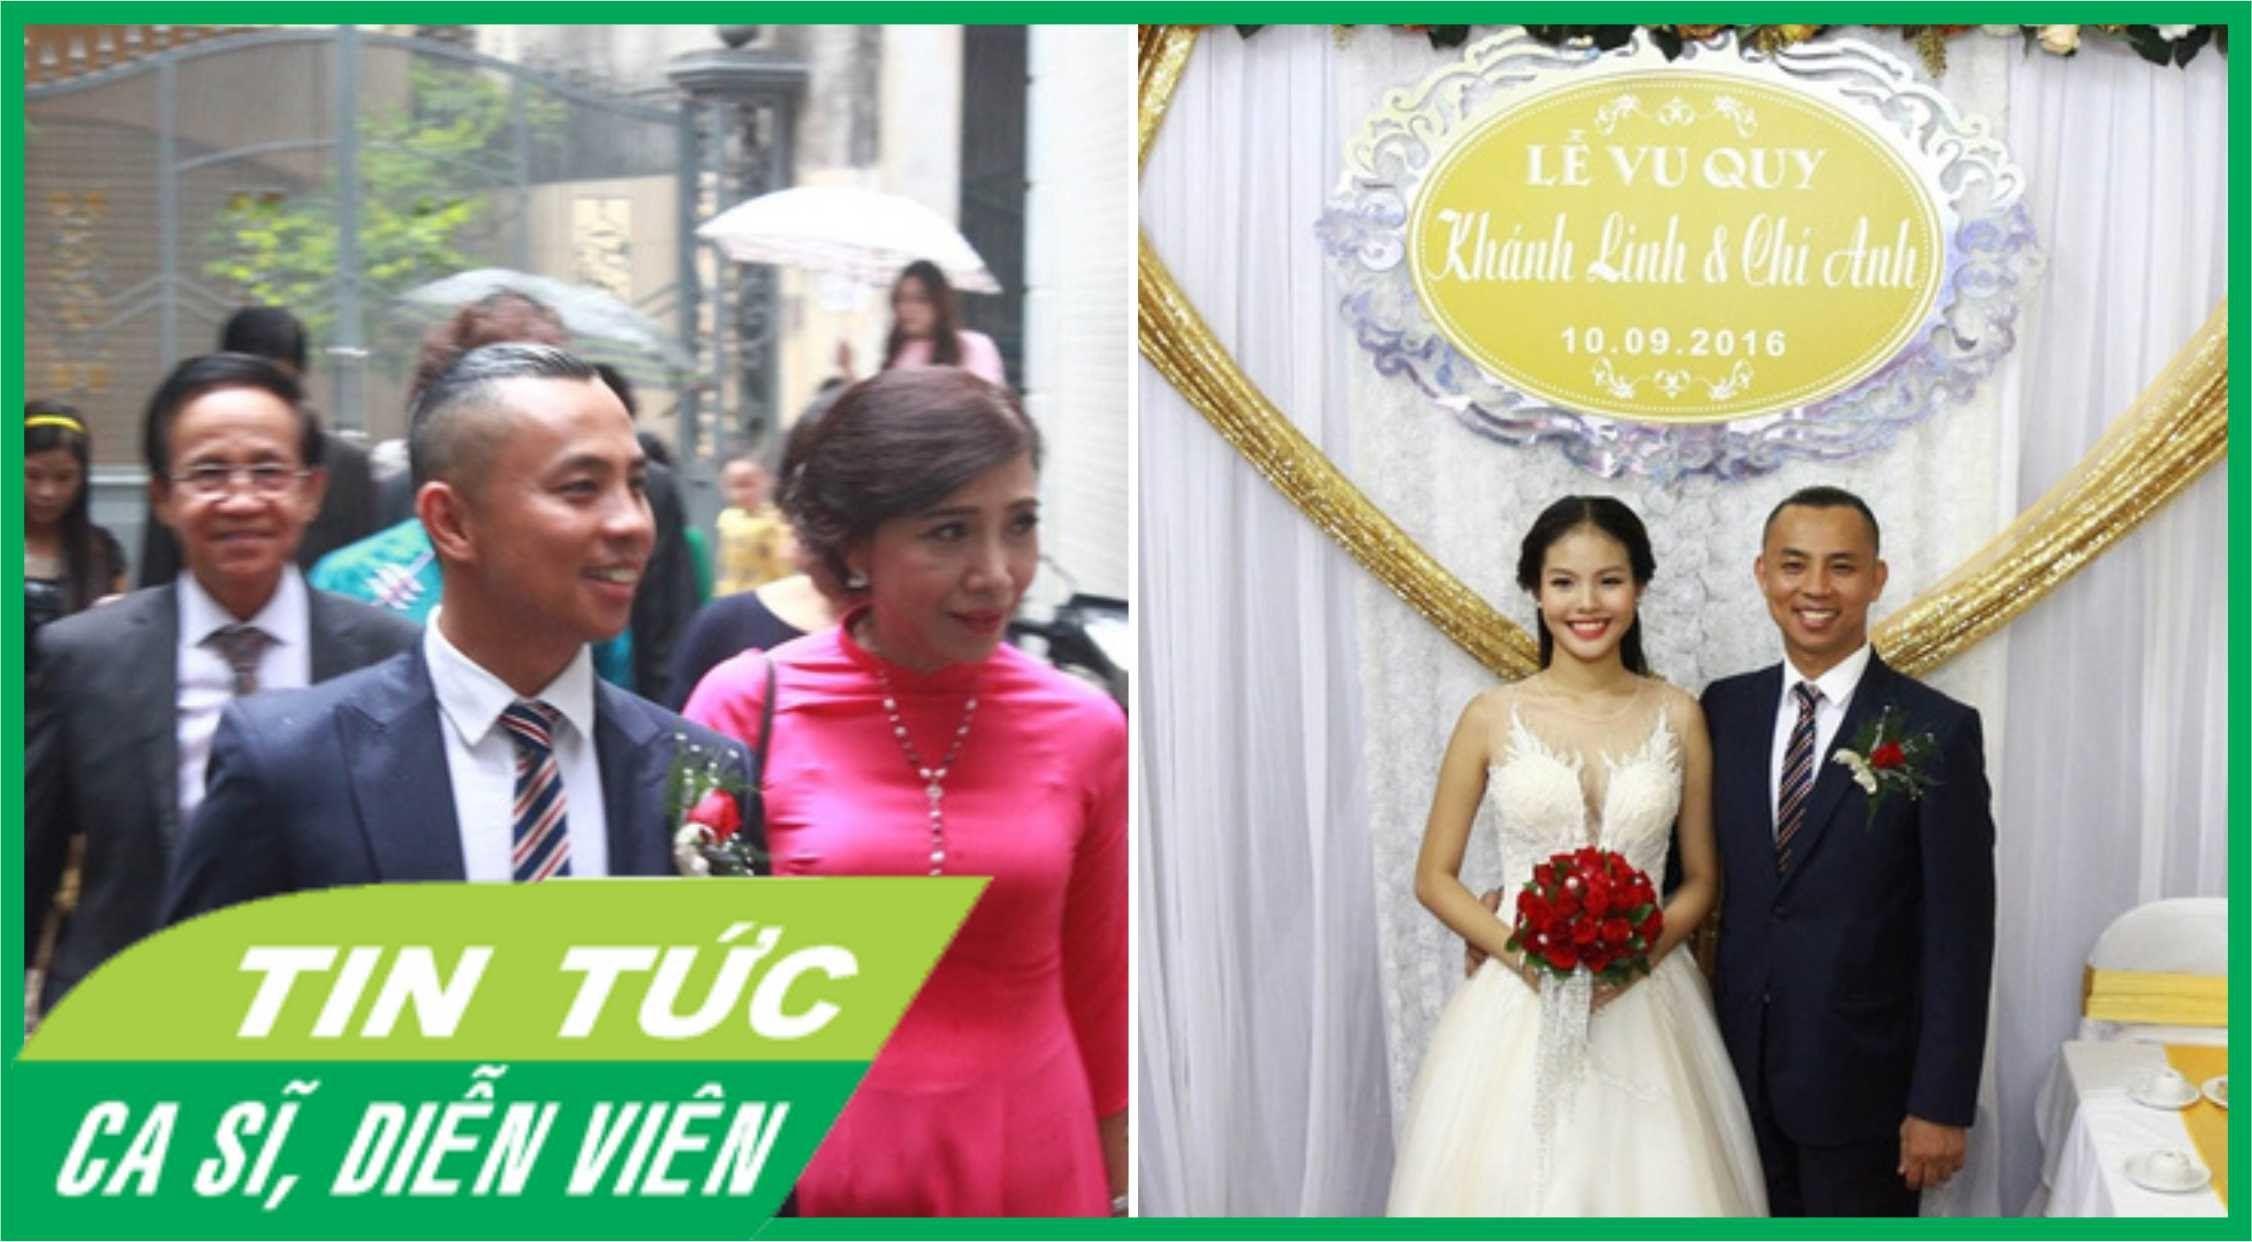 Đám cưới Chí Anh và Khánh Linh || Toàn cảnh Lễ rước dâu ngày 10.9.2016